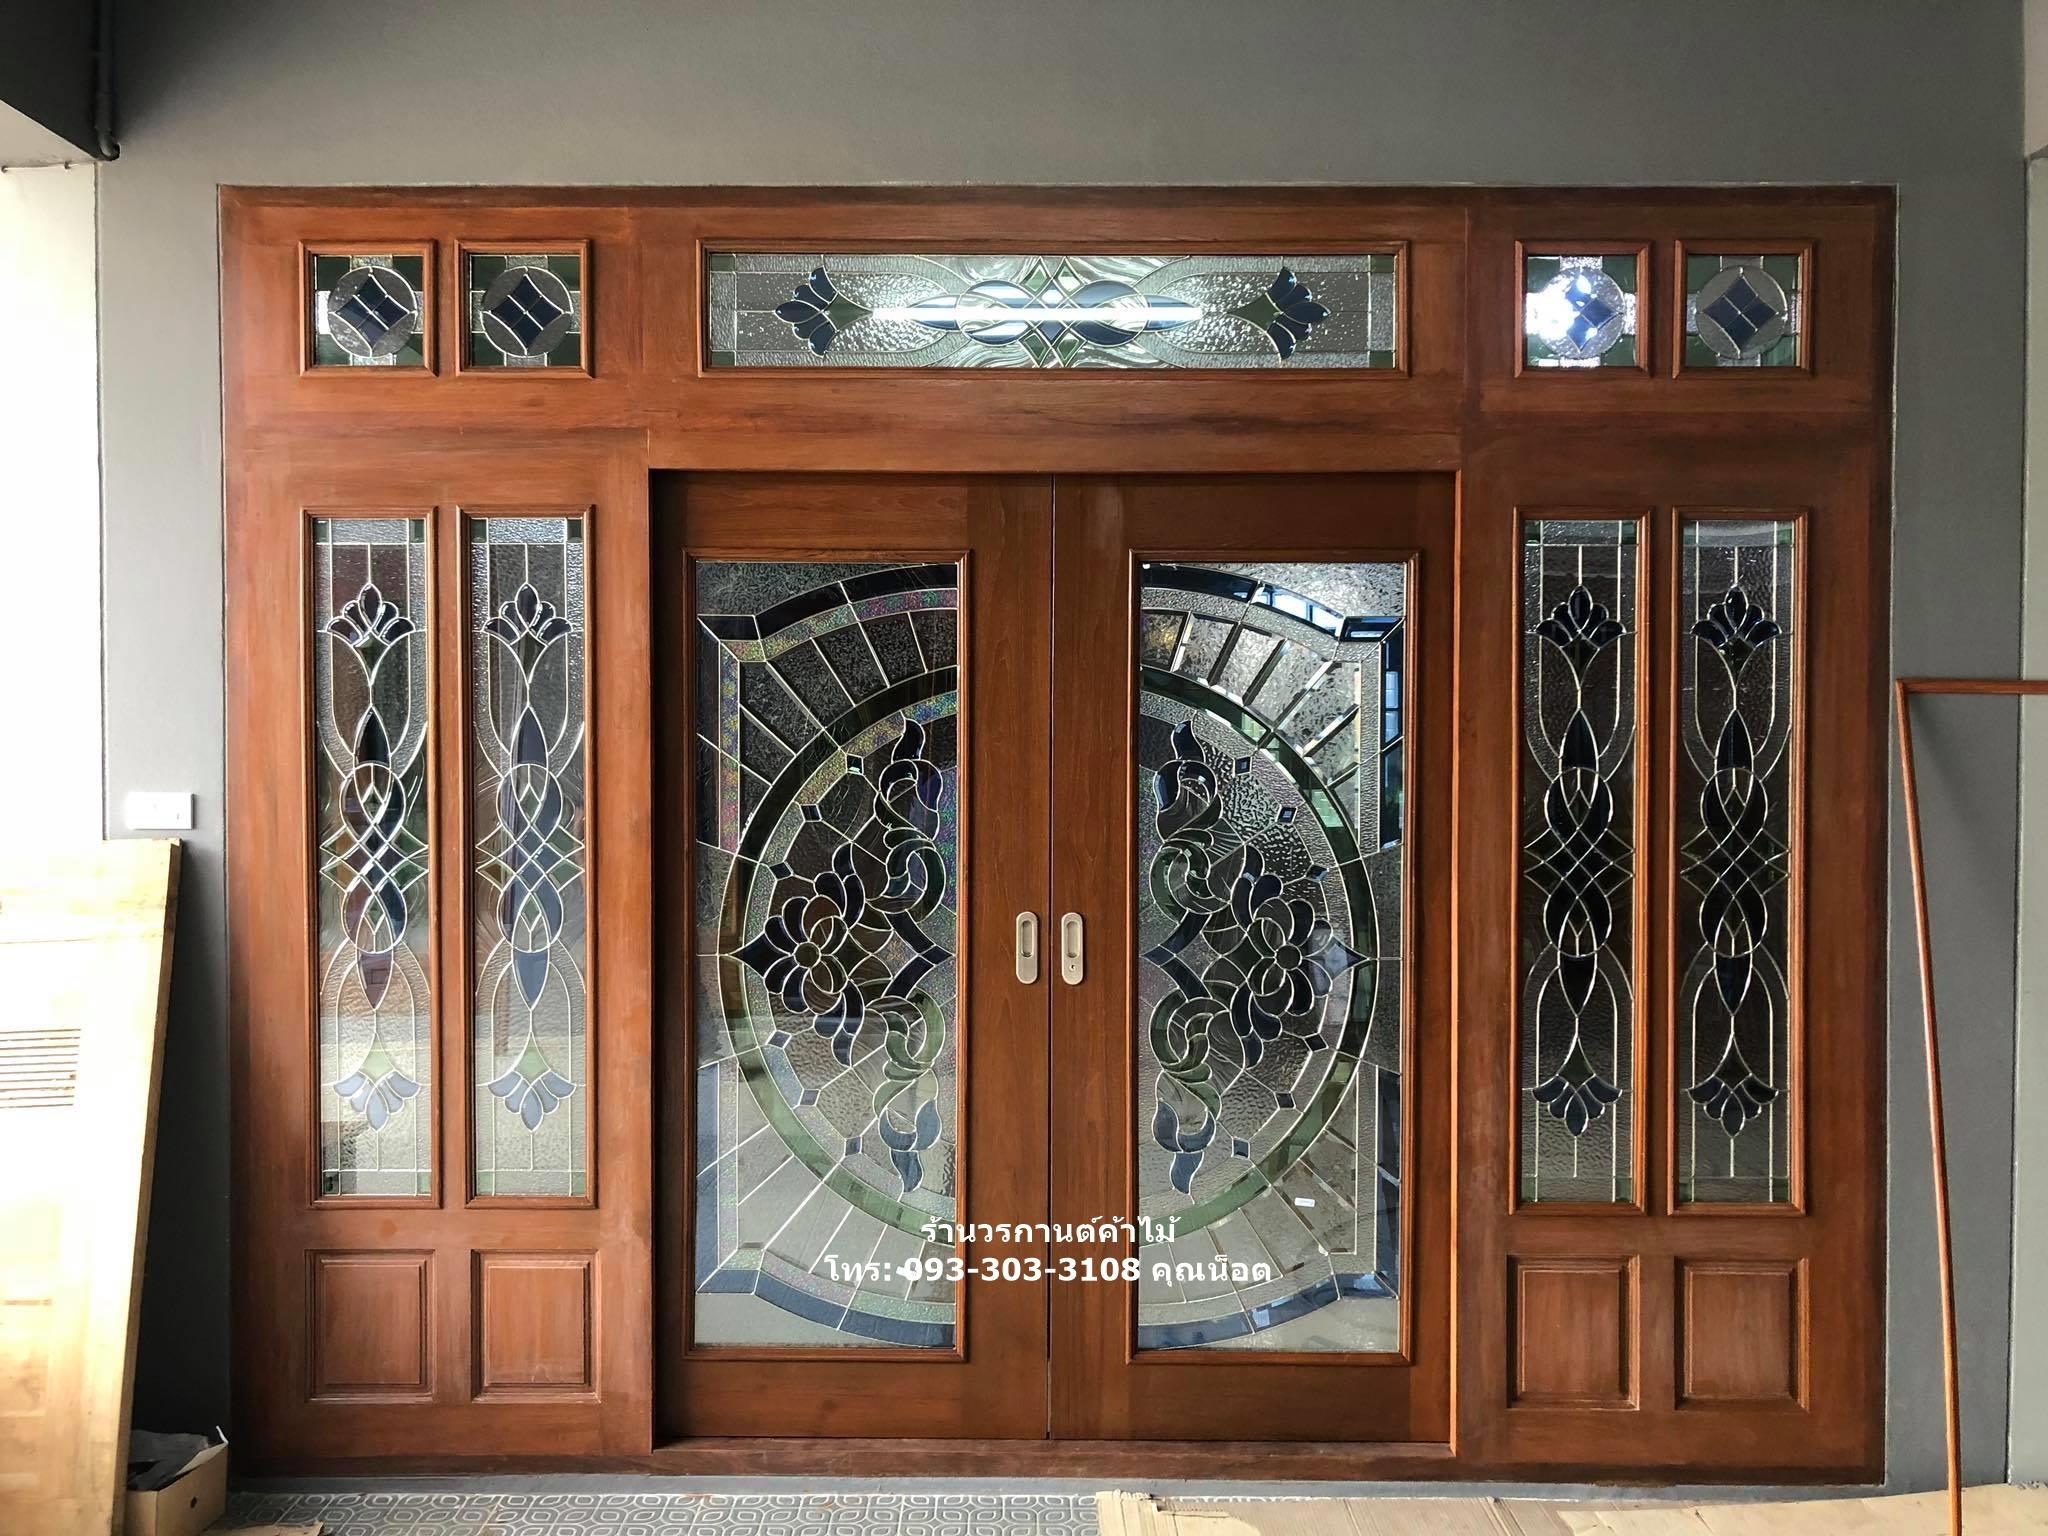 ประตูไม้สักกระจกนิรภัยเต็มบานรางเงิน ชุด7ชิ้น รหัส AAA02